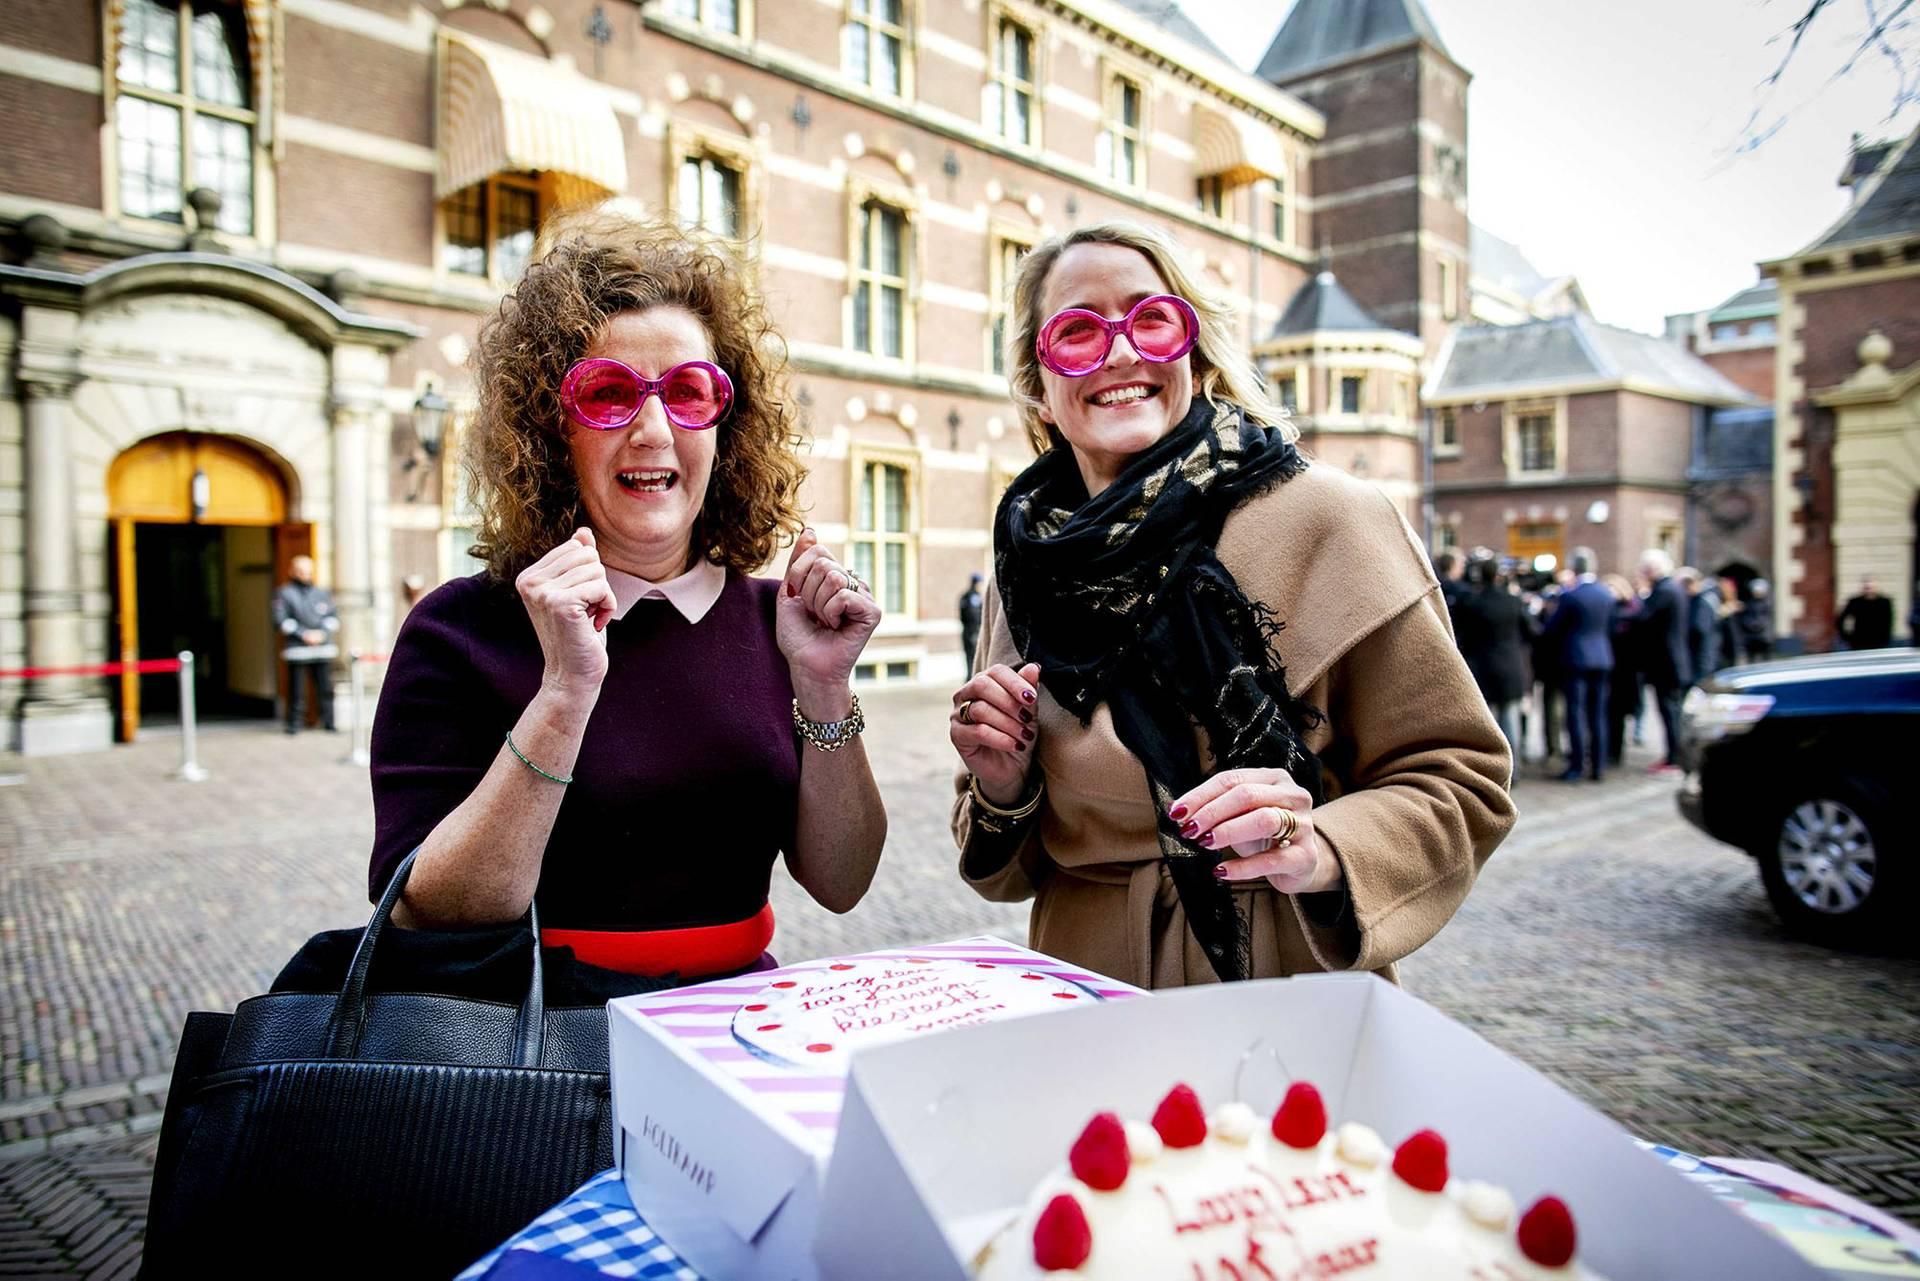 Міністерка освіти Нідерландів Інгрід ван Енгельшовен (ліворуч) у рожевих окулярах під час жіночої акції з нагоди Міжнародного дня захисту прав жінок у Гаазі, Нідерланди, 8 березня 2019 року